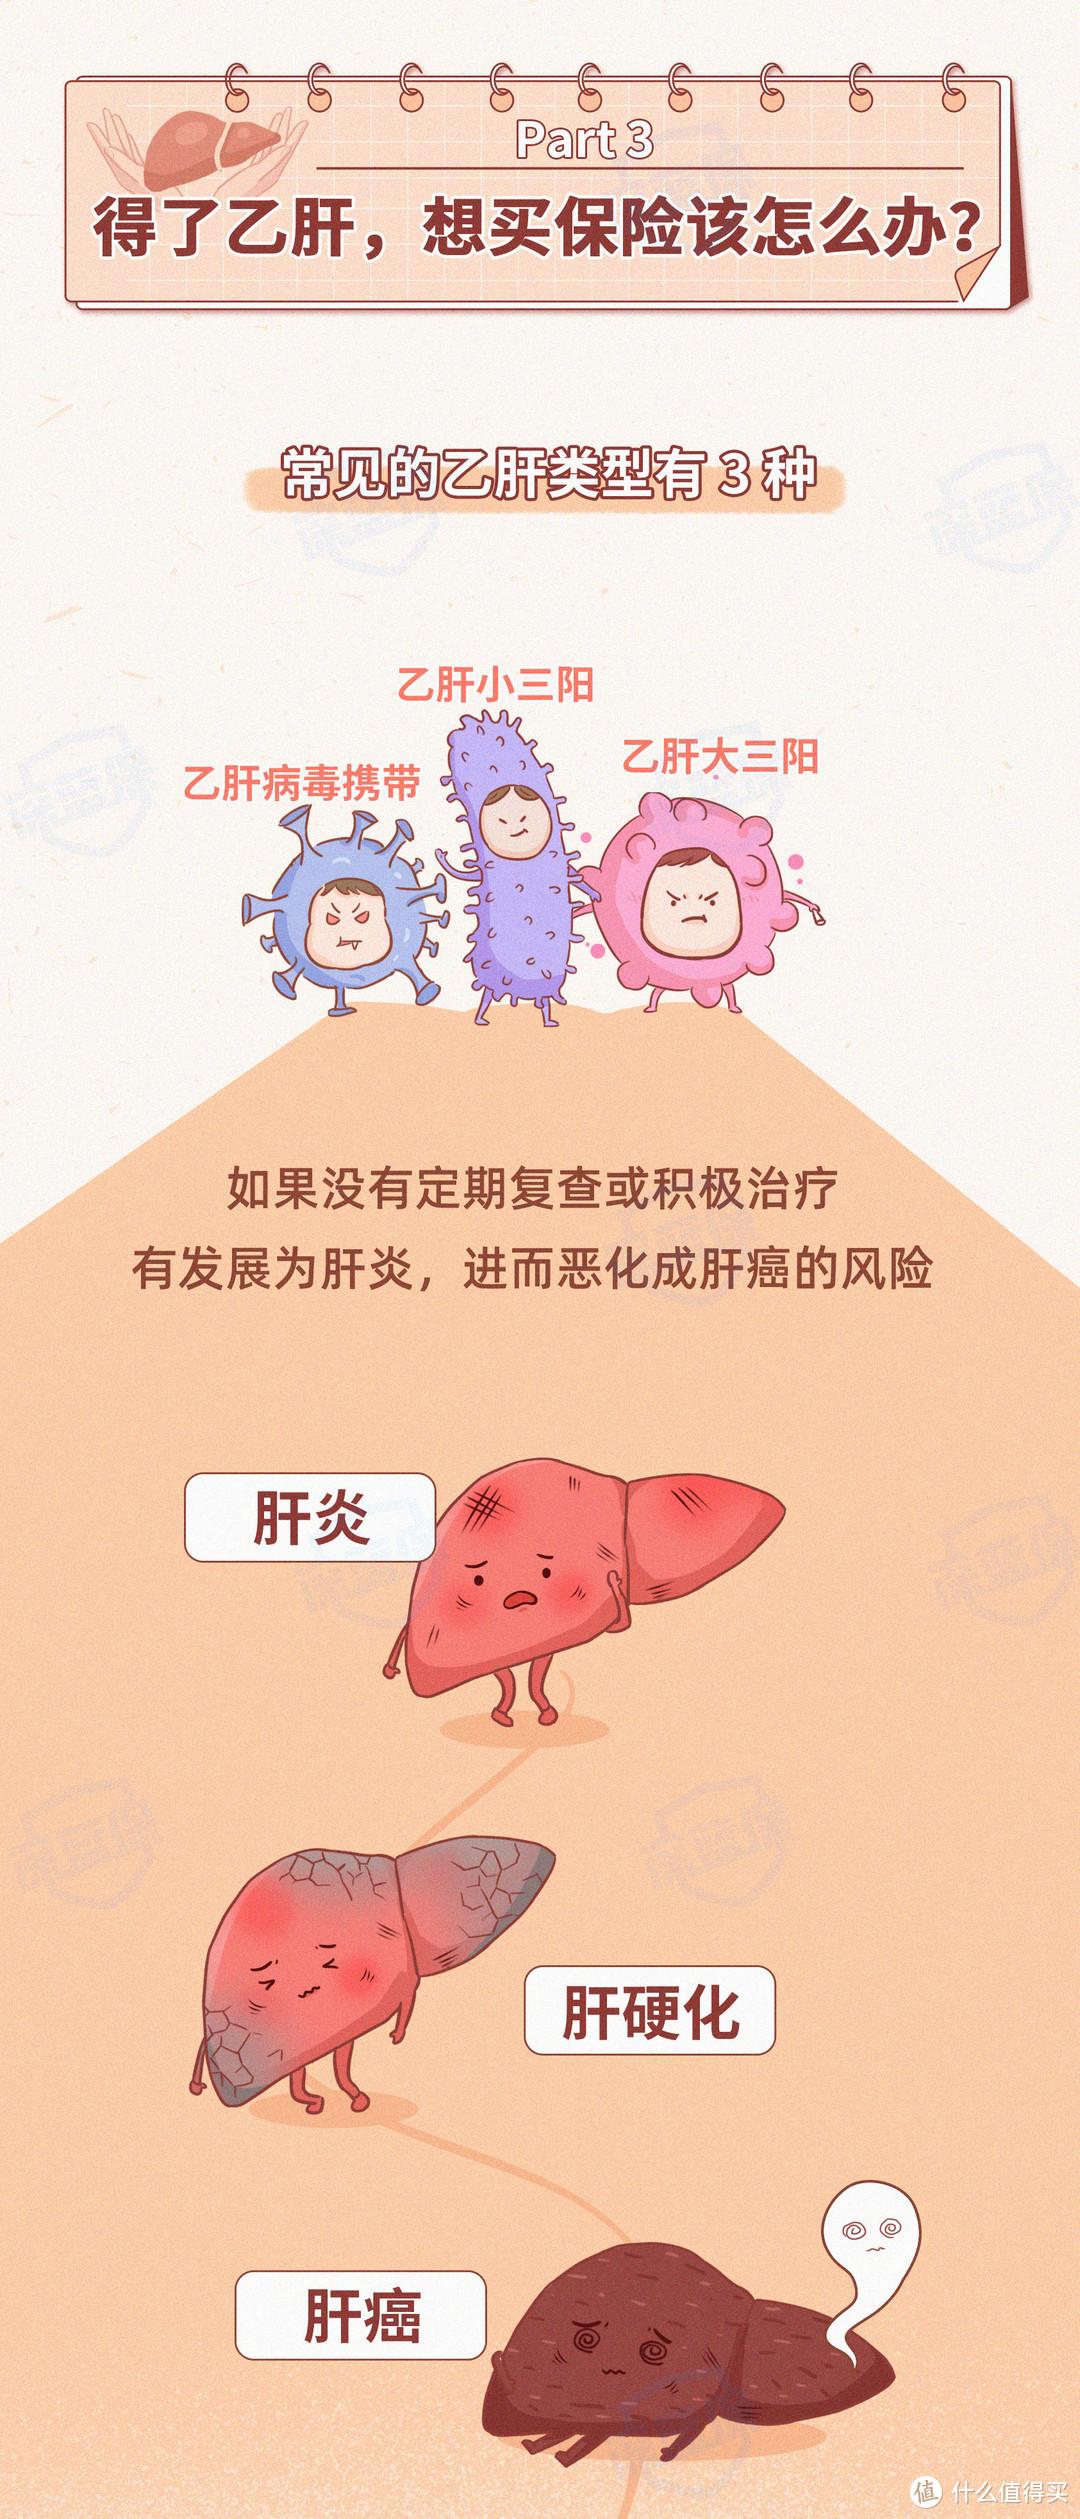 涉及7000万人!乙肝是如何传播的?得了乙肝怎么买保险?